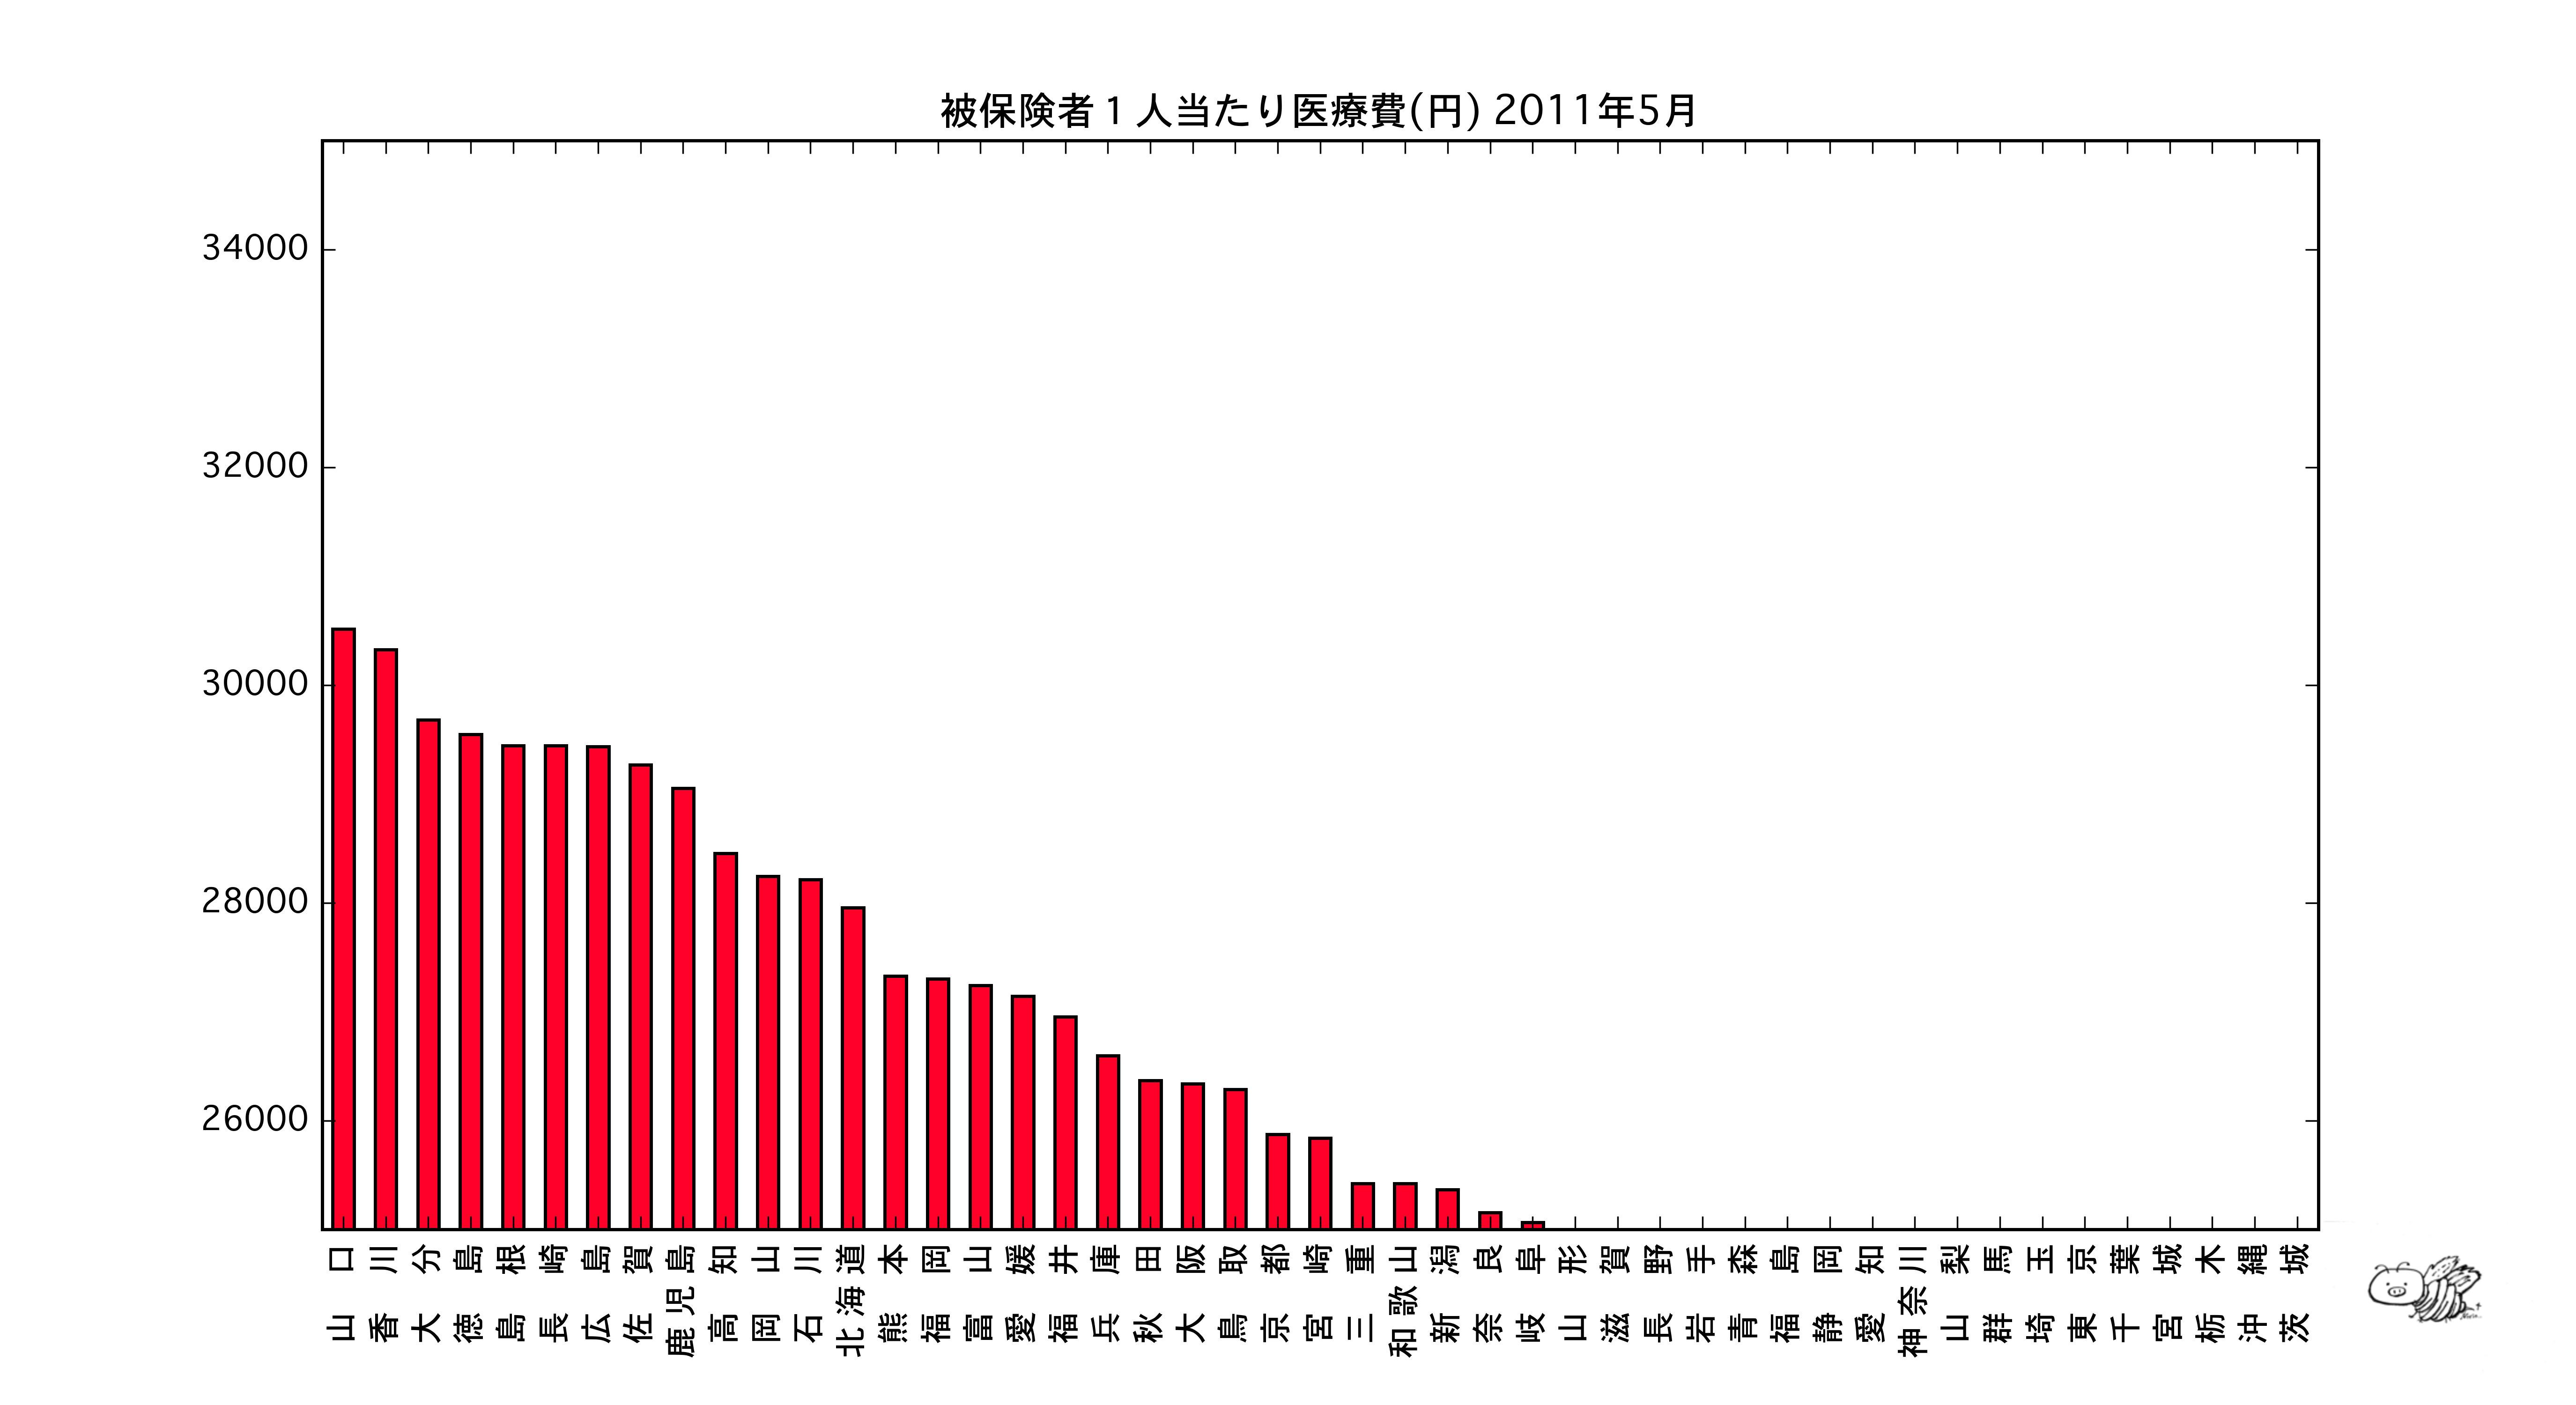 2011-5_cost-per-user_sort